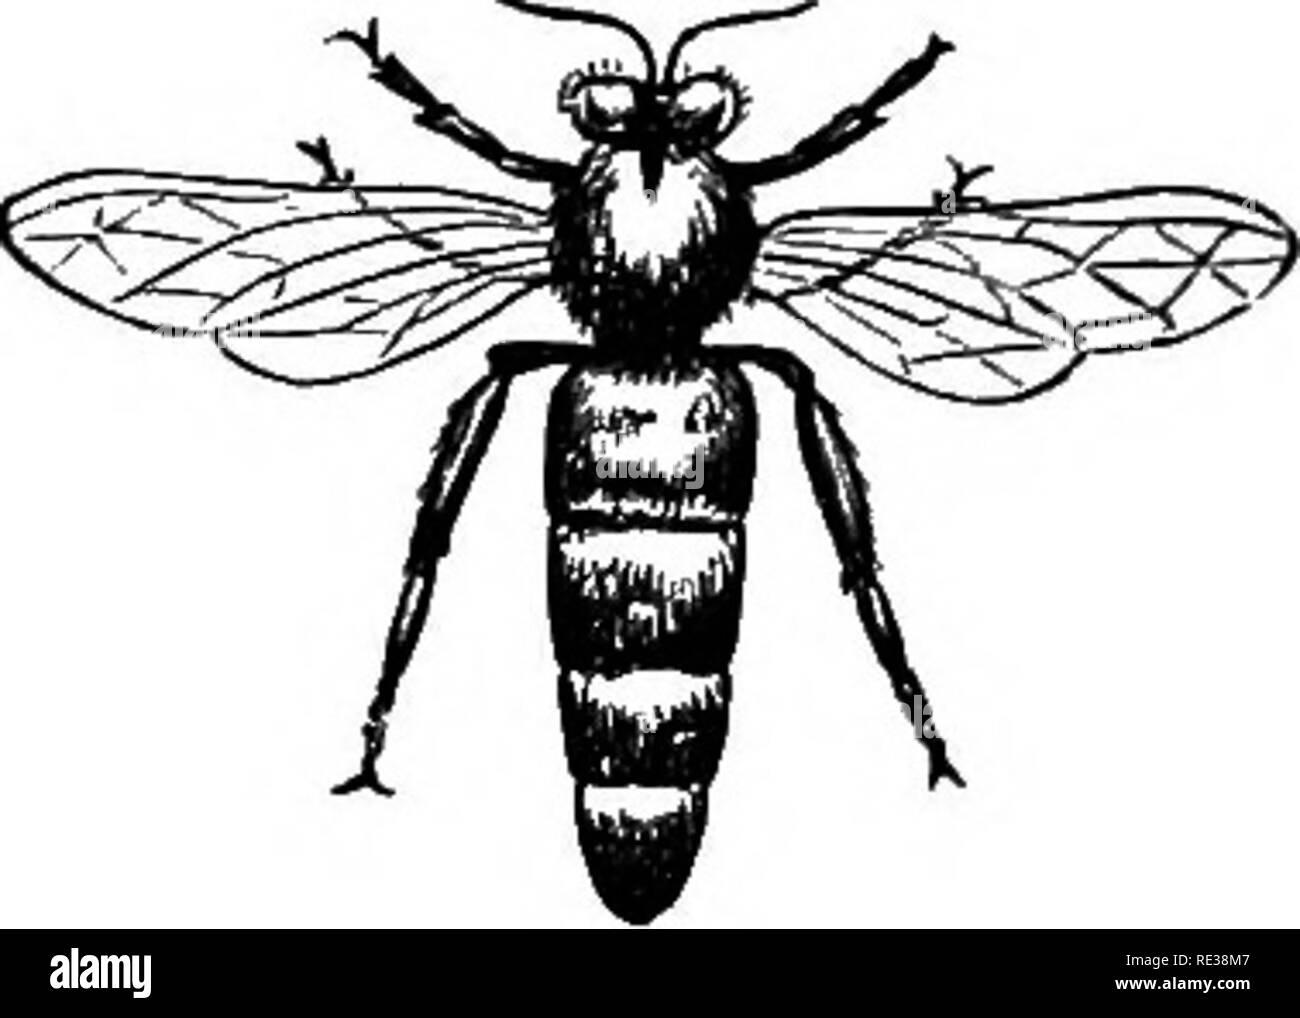 Queen Mother Bee Stock Photos & Queen Mother Bee Stock